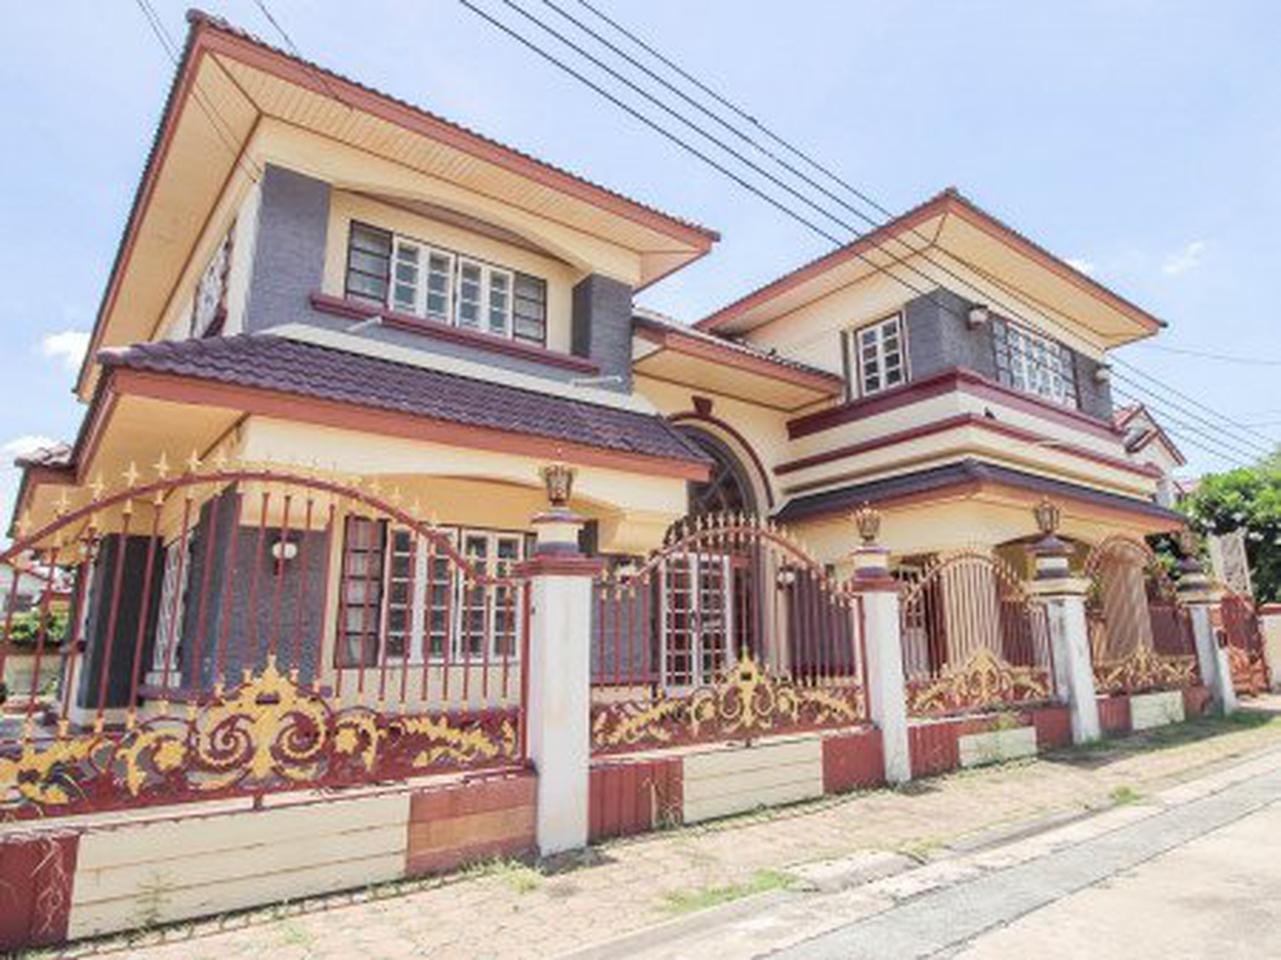 ขาย บ้านเดี่ยว นันทวัน คู้บอน  346 ตร.วา นันทวัน คู้บอน รูปที่ 3